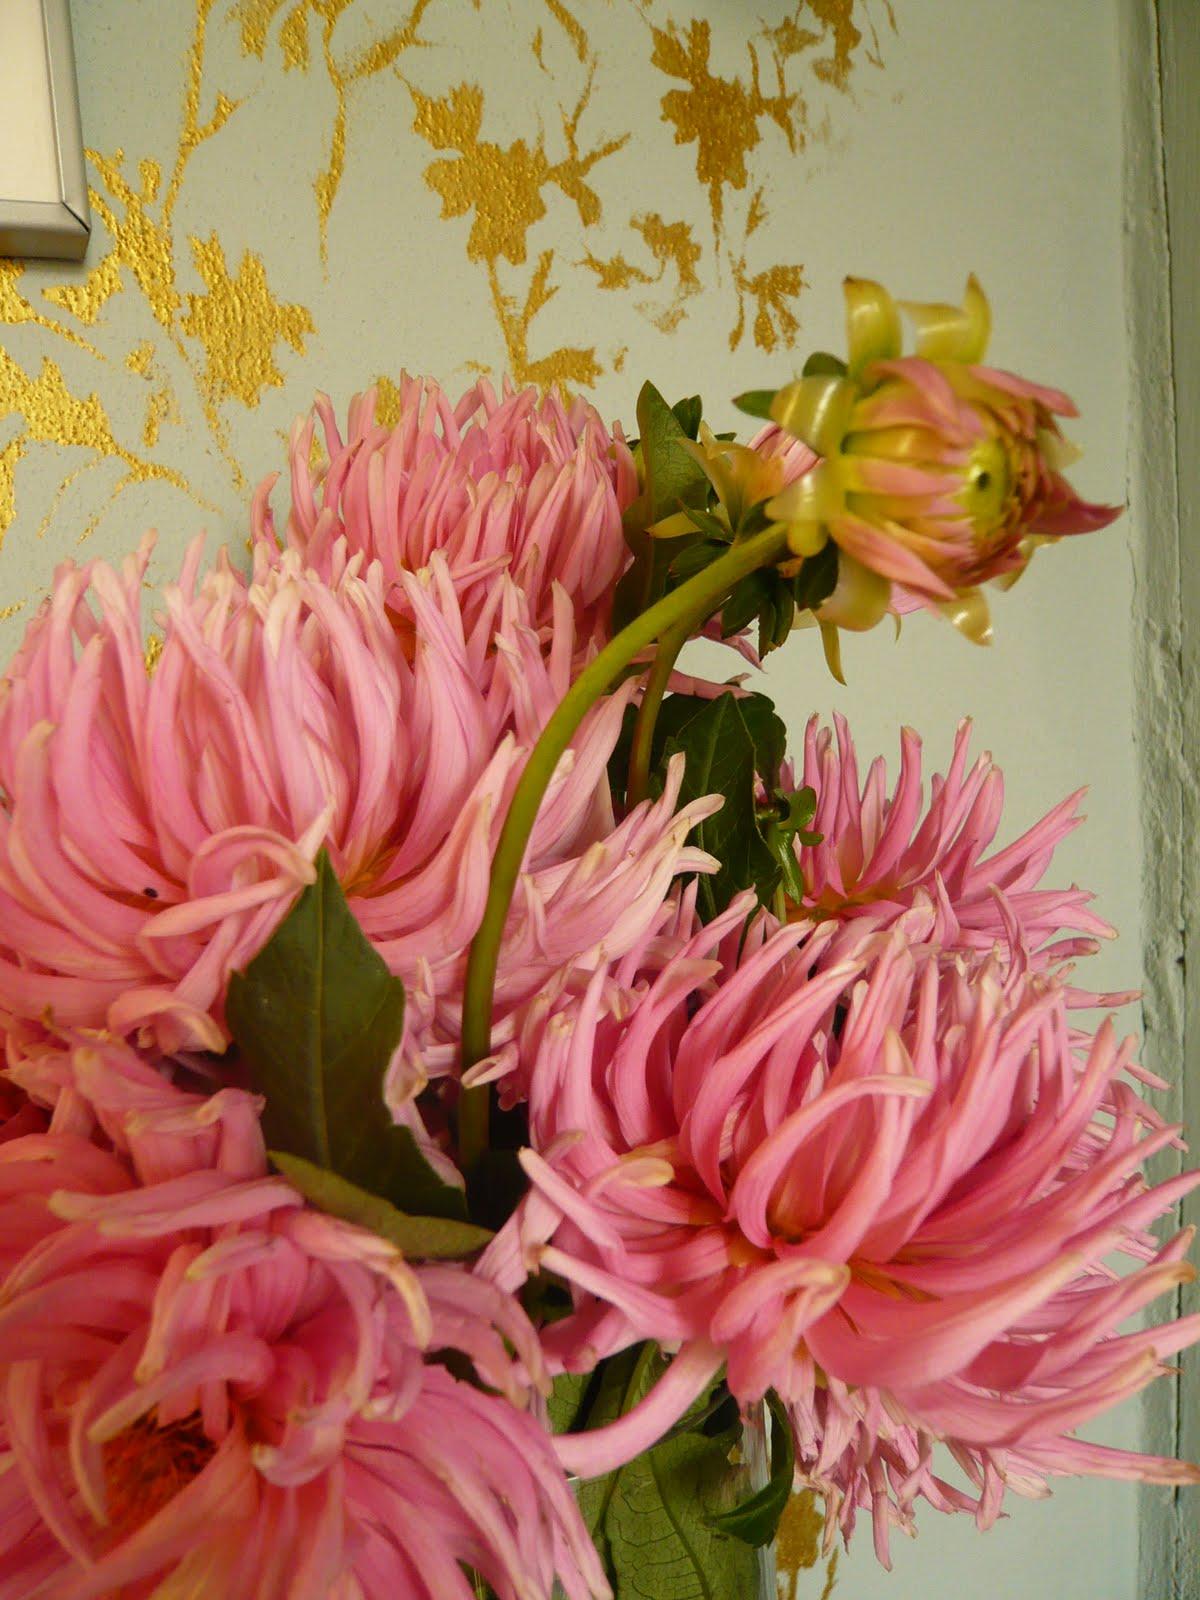 Coltivare Fiori Da Recidere coltivazione della dalia | blossom zine blog